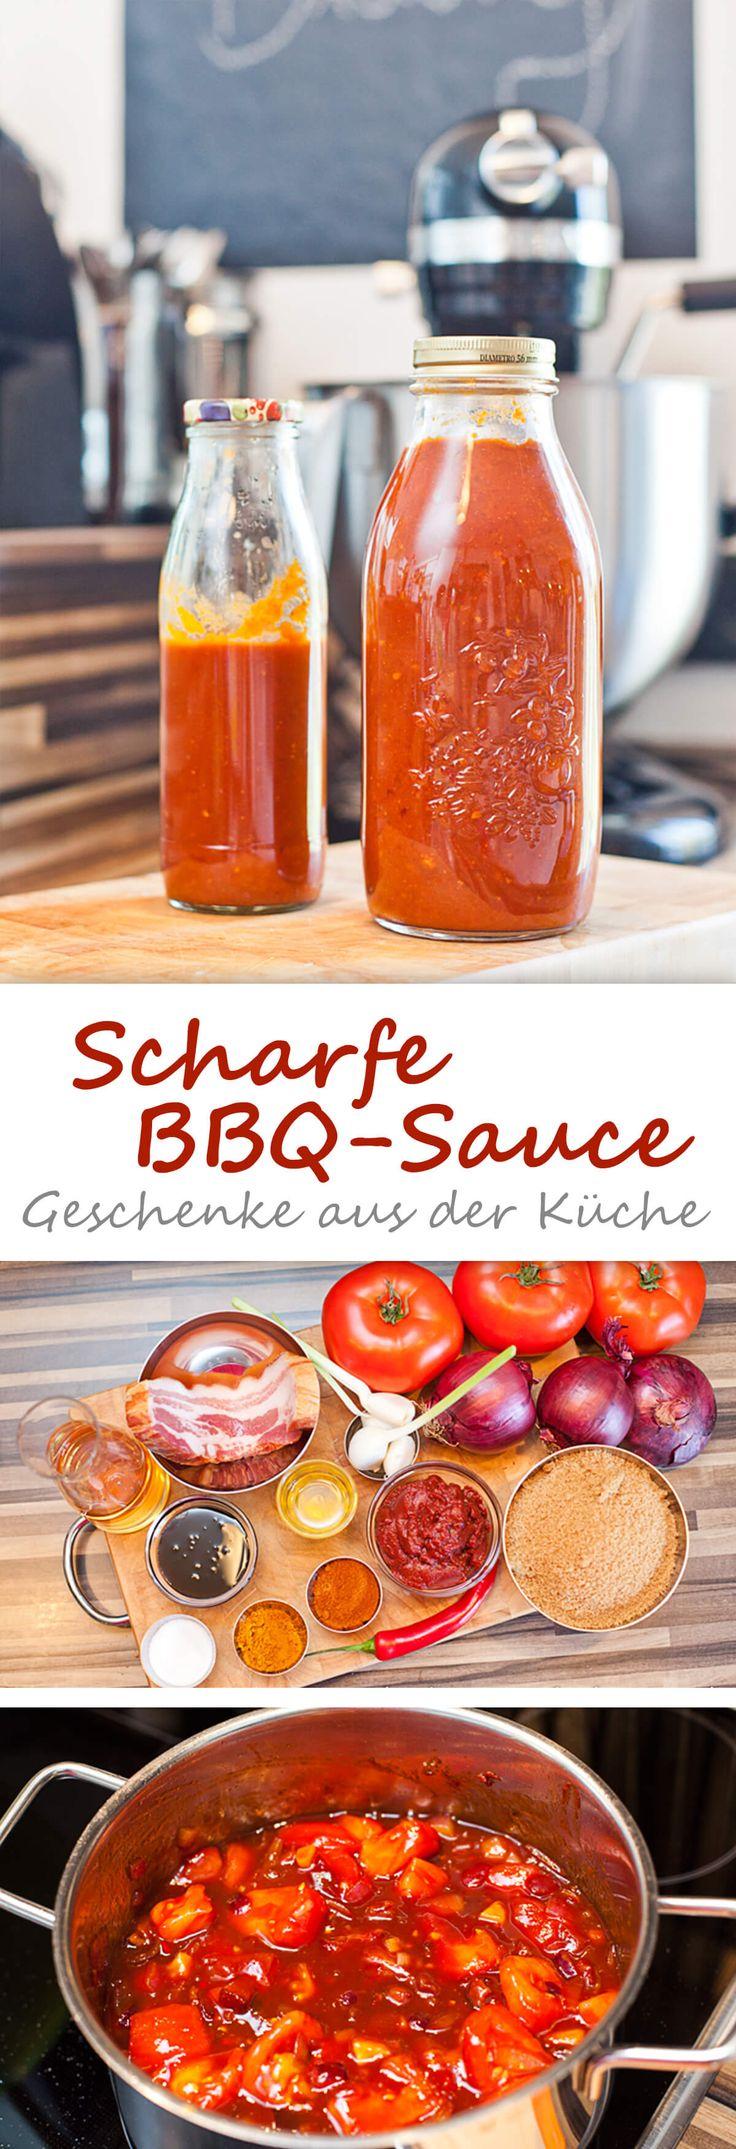 Scharfe BBQ-Sauce {grundrezept}